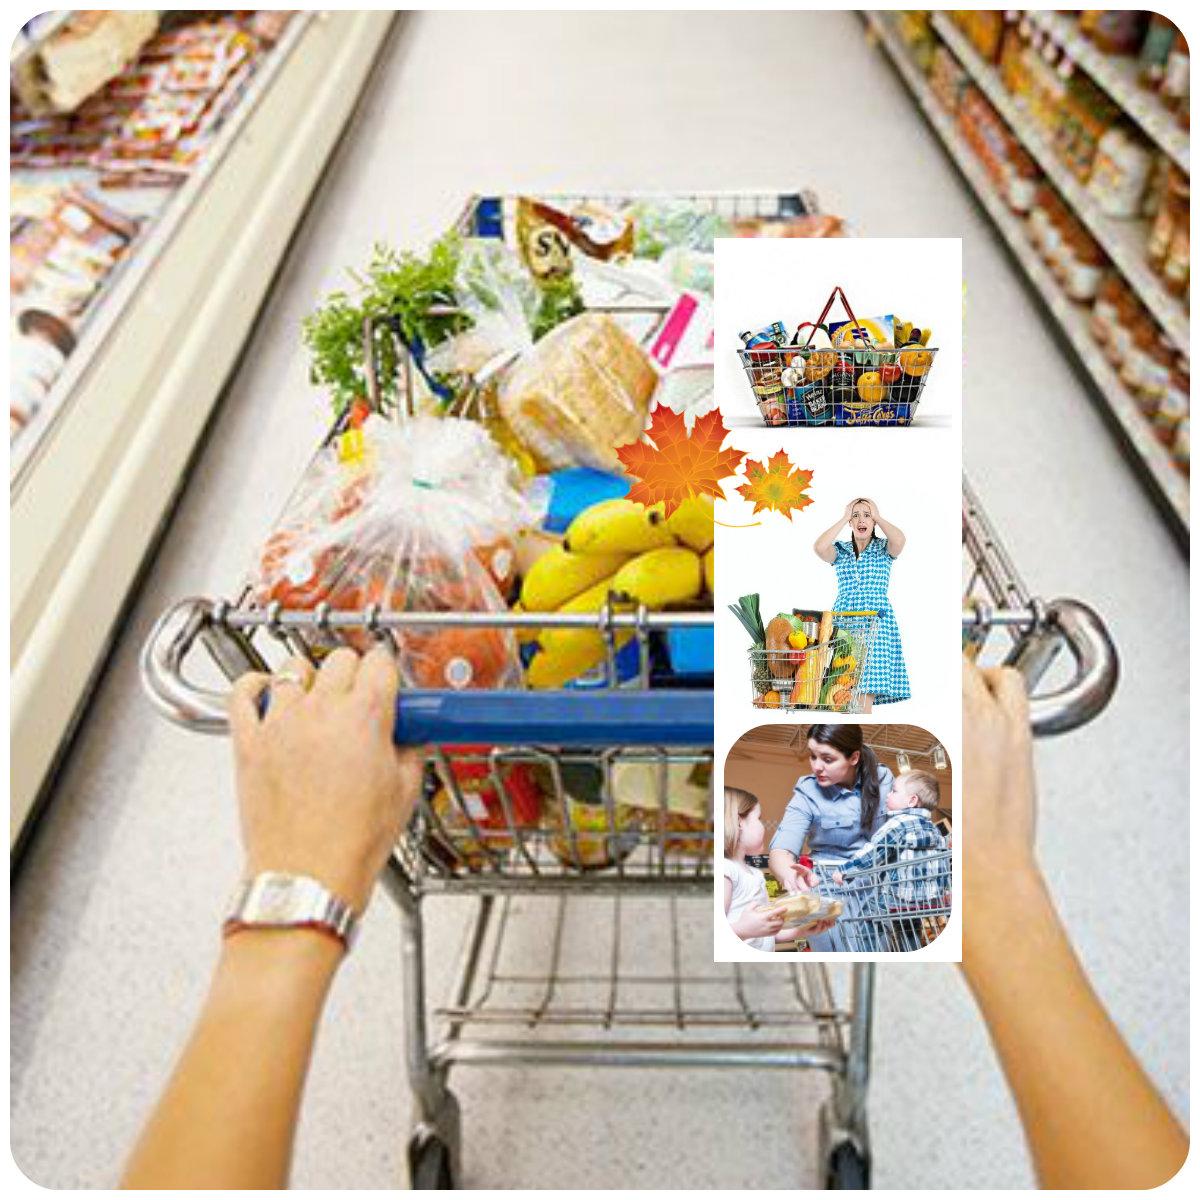 """Результат пошуку зображень за запитом """"этикетки продуктов питания"""""""